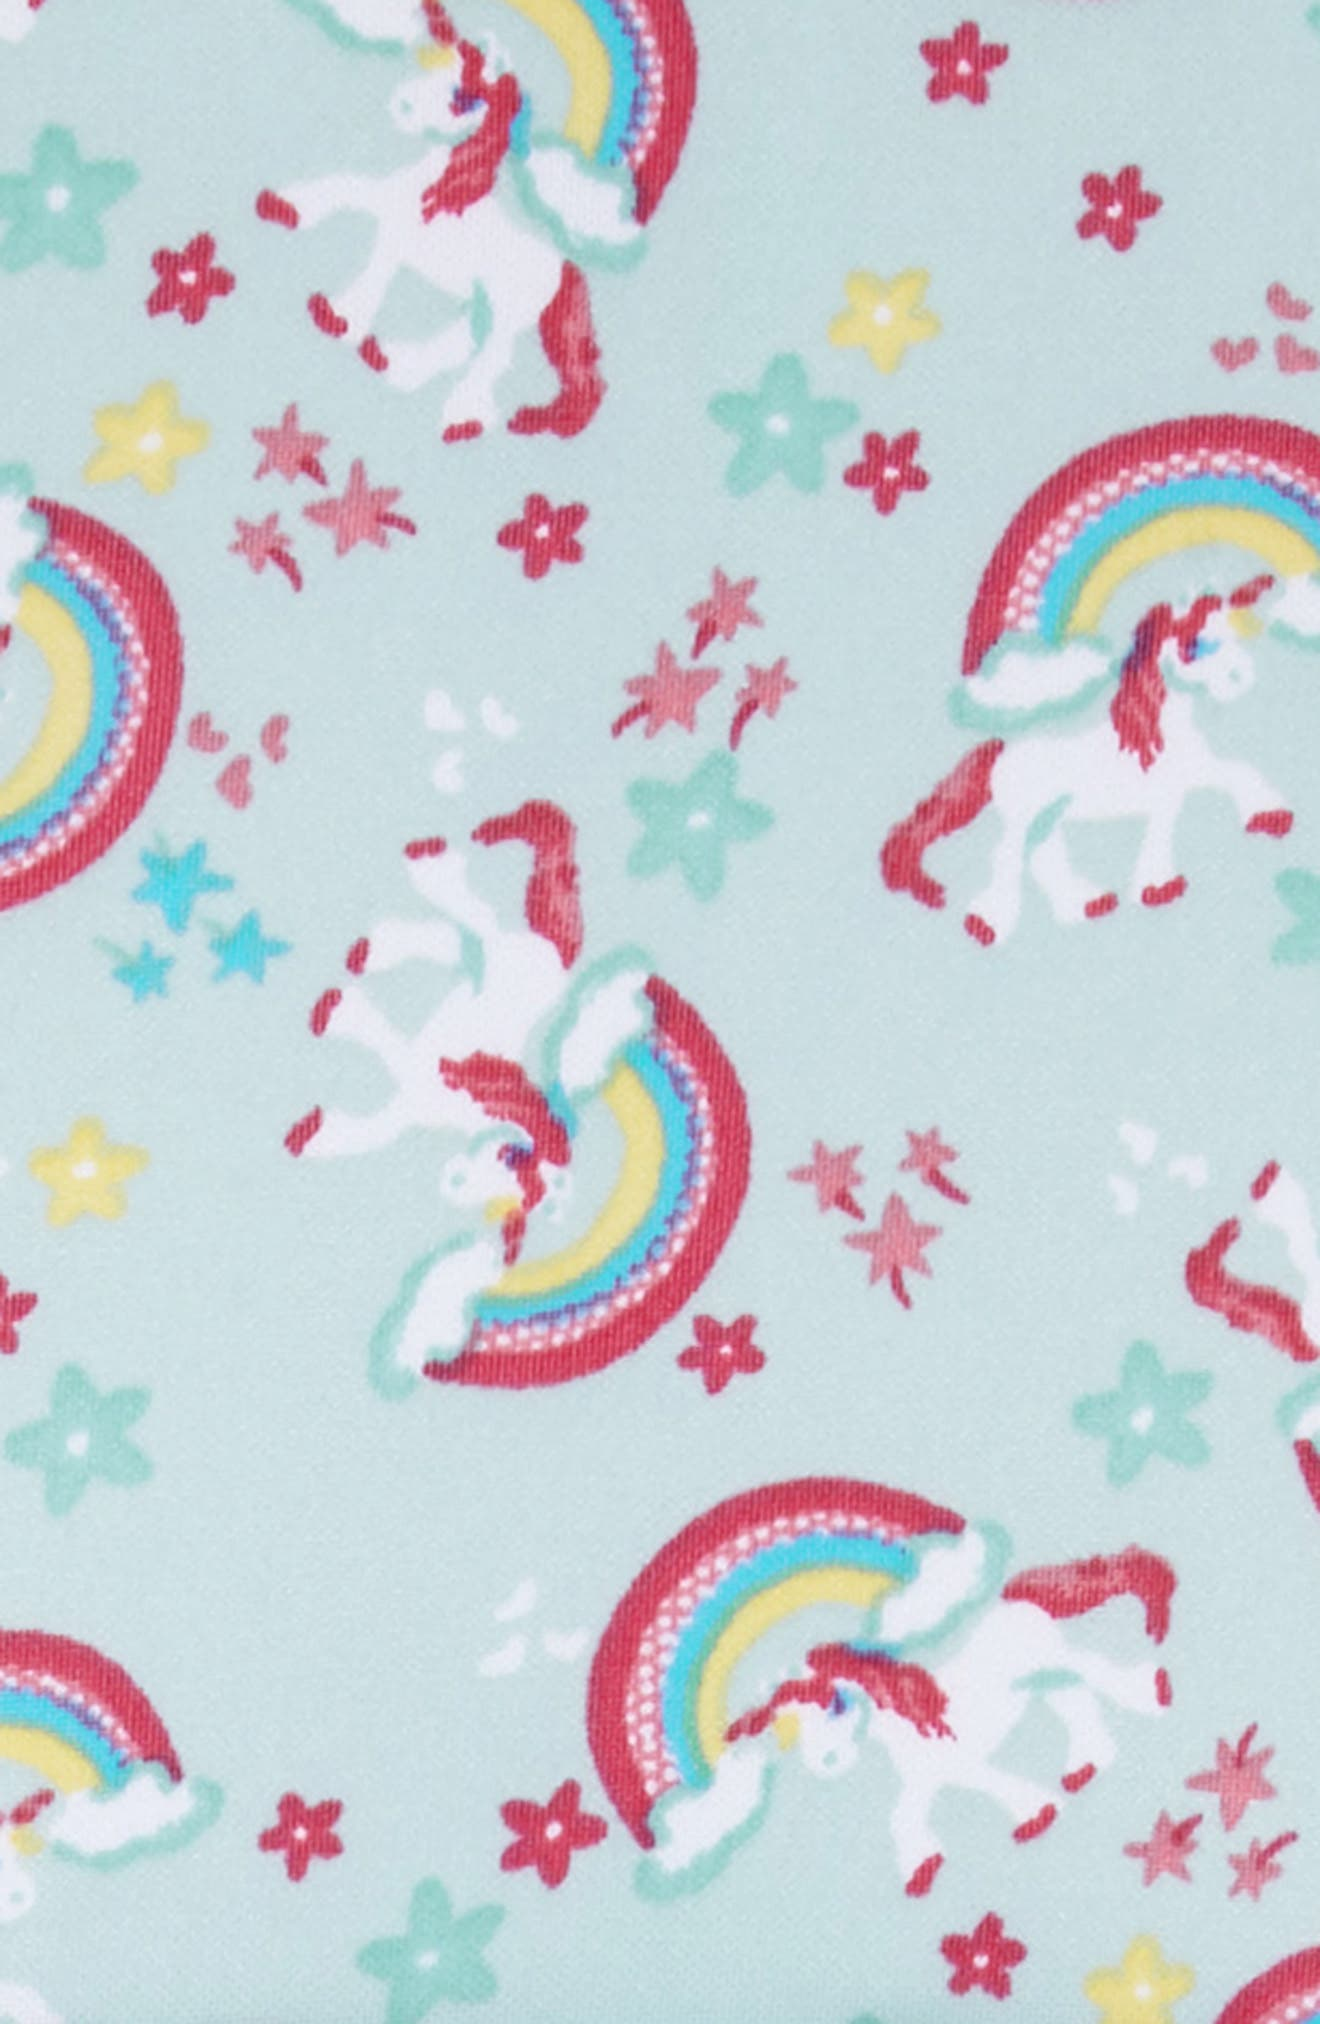 Unicorn Print Dress,                             Alternate thumbnail 3, color,                             Mint/ Pink